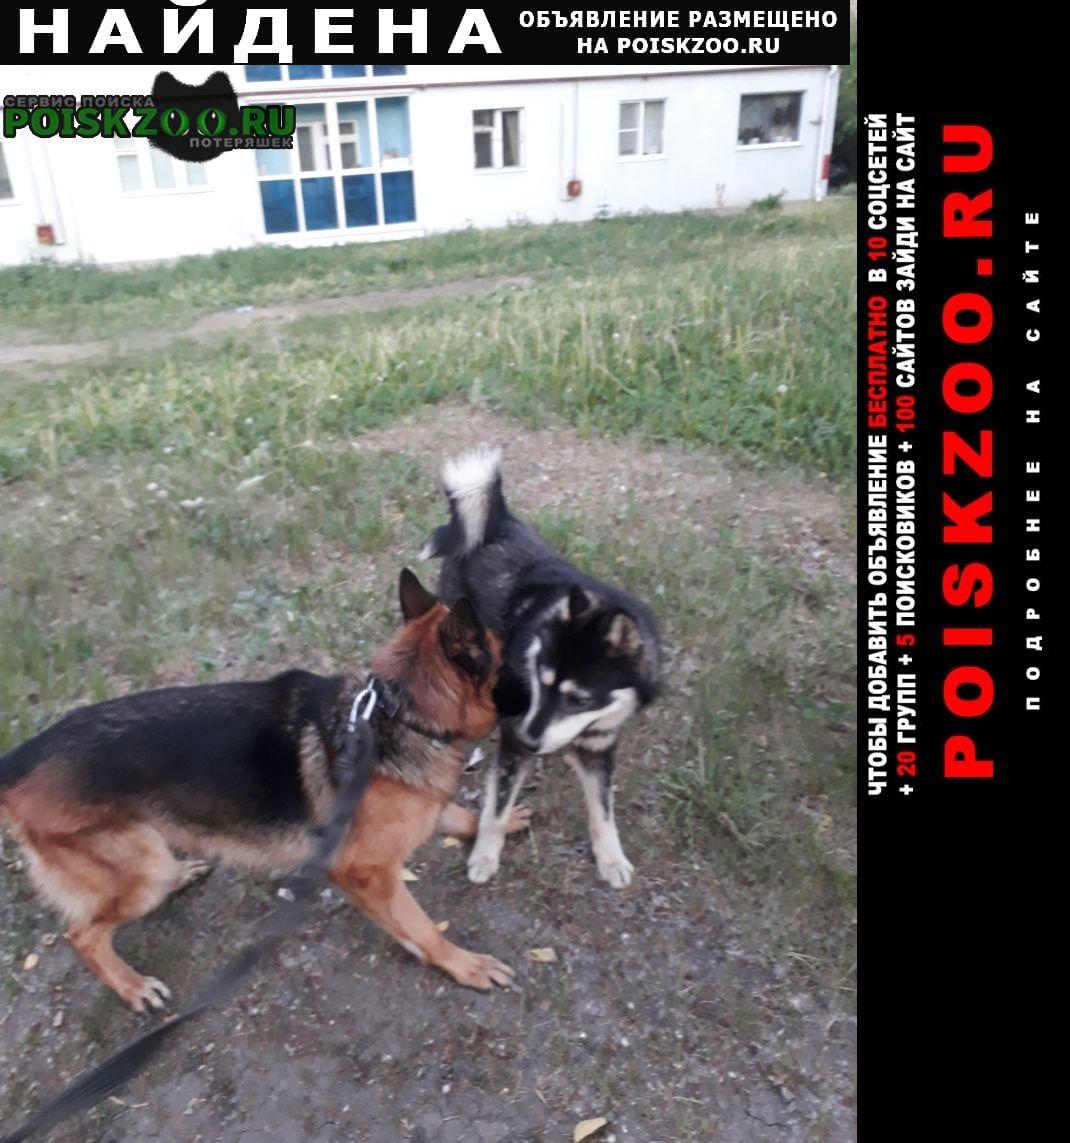 Найдена собака кобель Екатеринбург